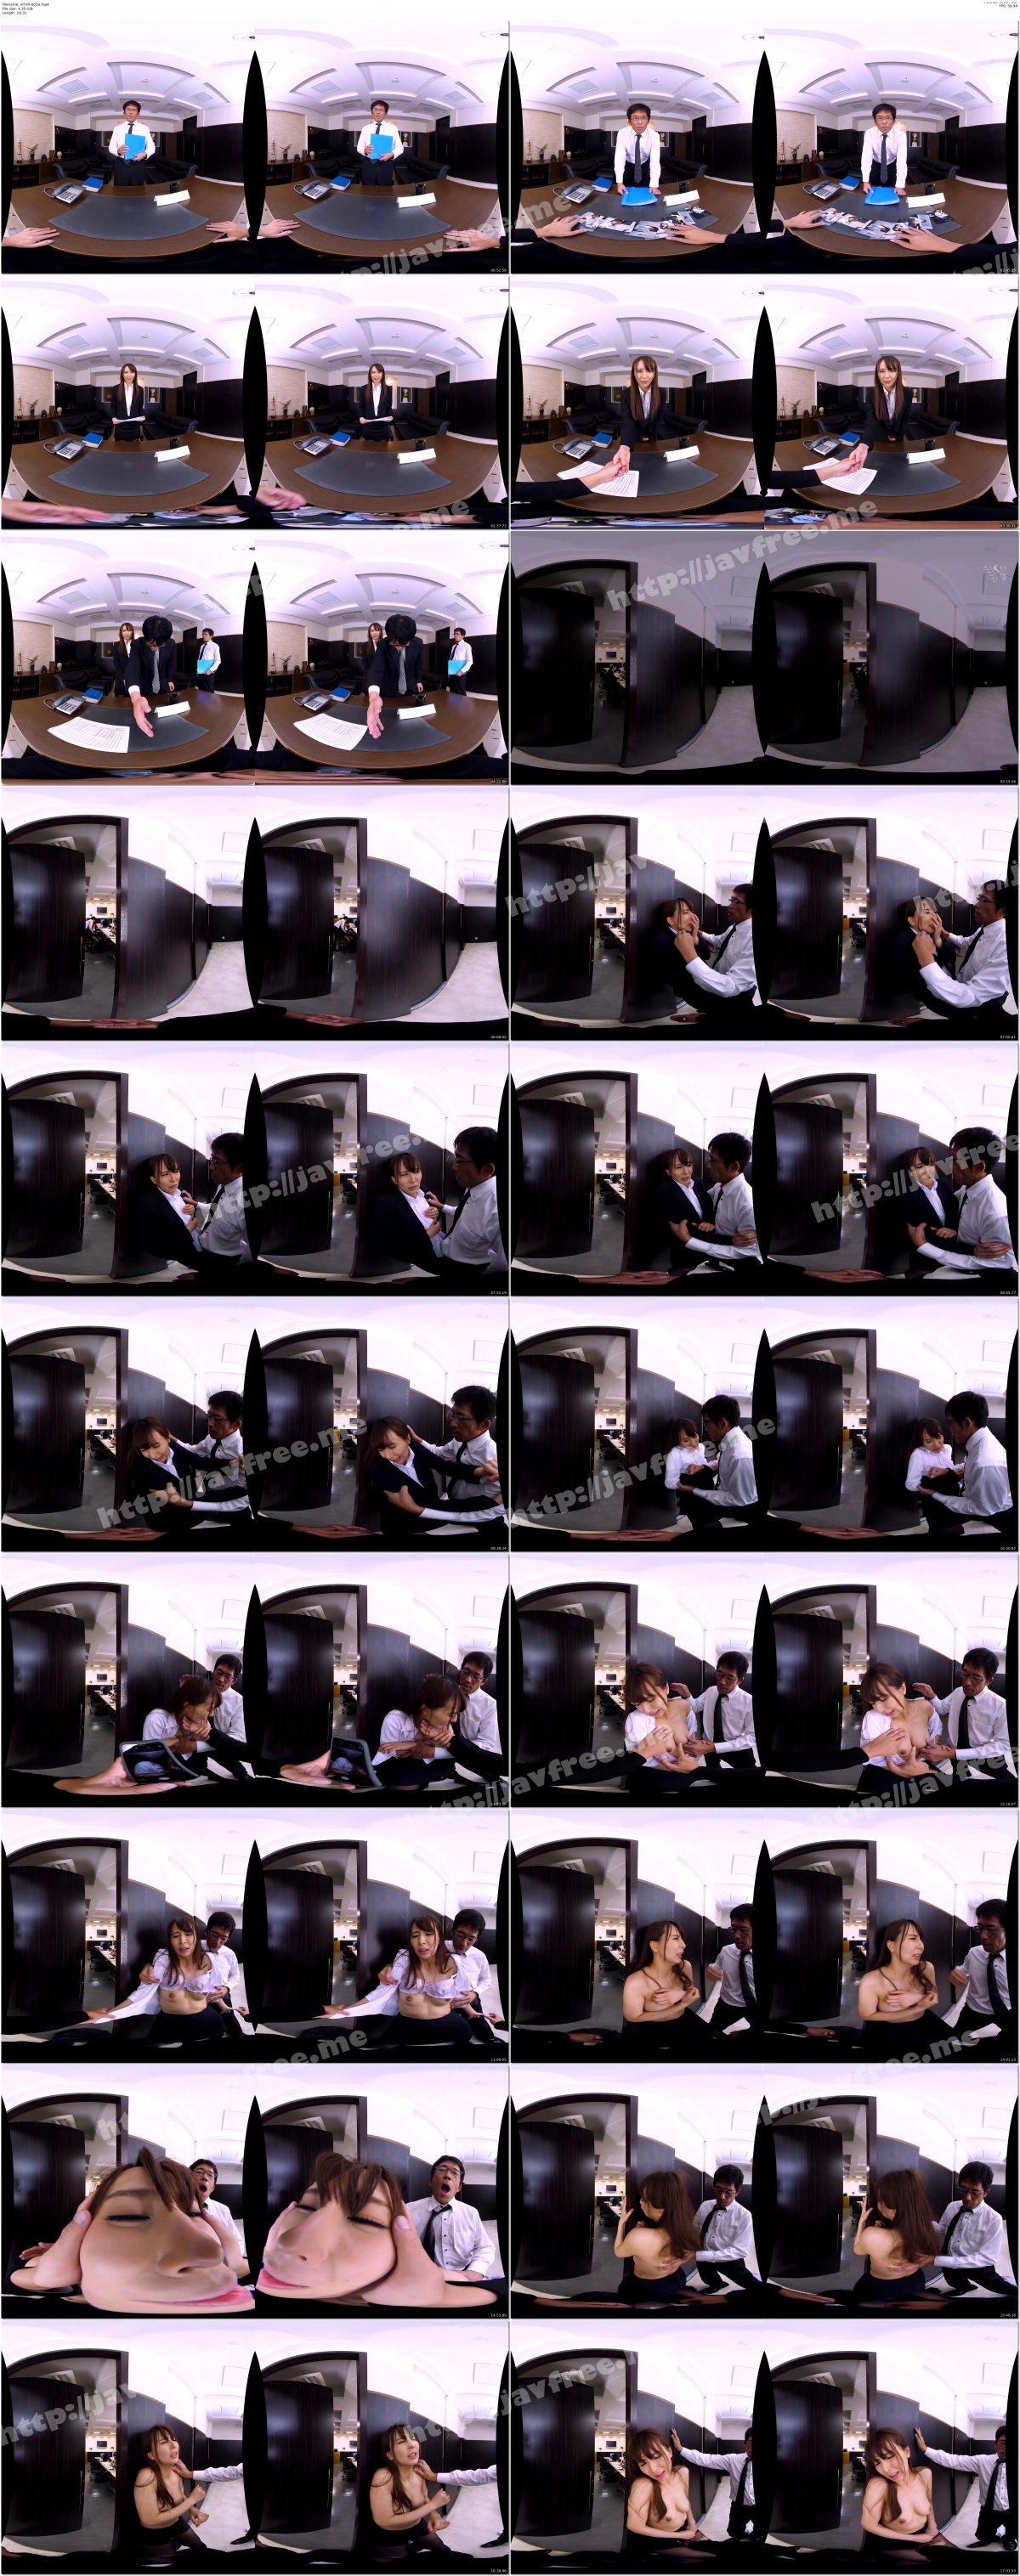 [ATVR-003] 【VR】絶対に声を出してはいけない状況が癖になる!「臨場感」と「スリル」で社内一の美人OLを犯して堕とす! 声を出したらバレる状況で犯す! サイレントレイプVR 希崎ジェシカ - image ATVR-003a on https://javfree.me